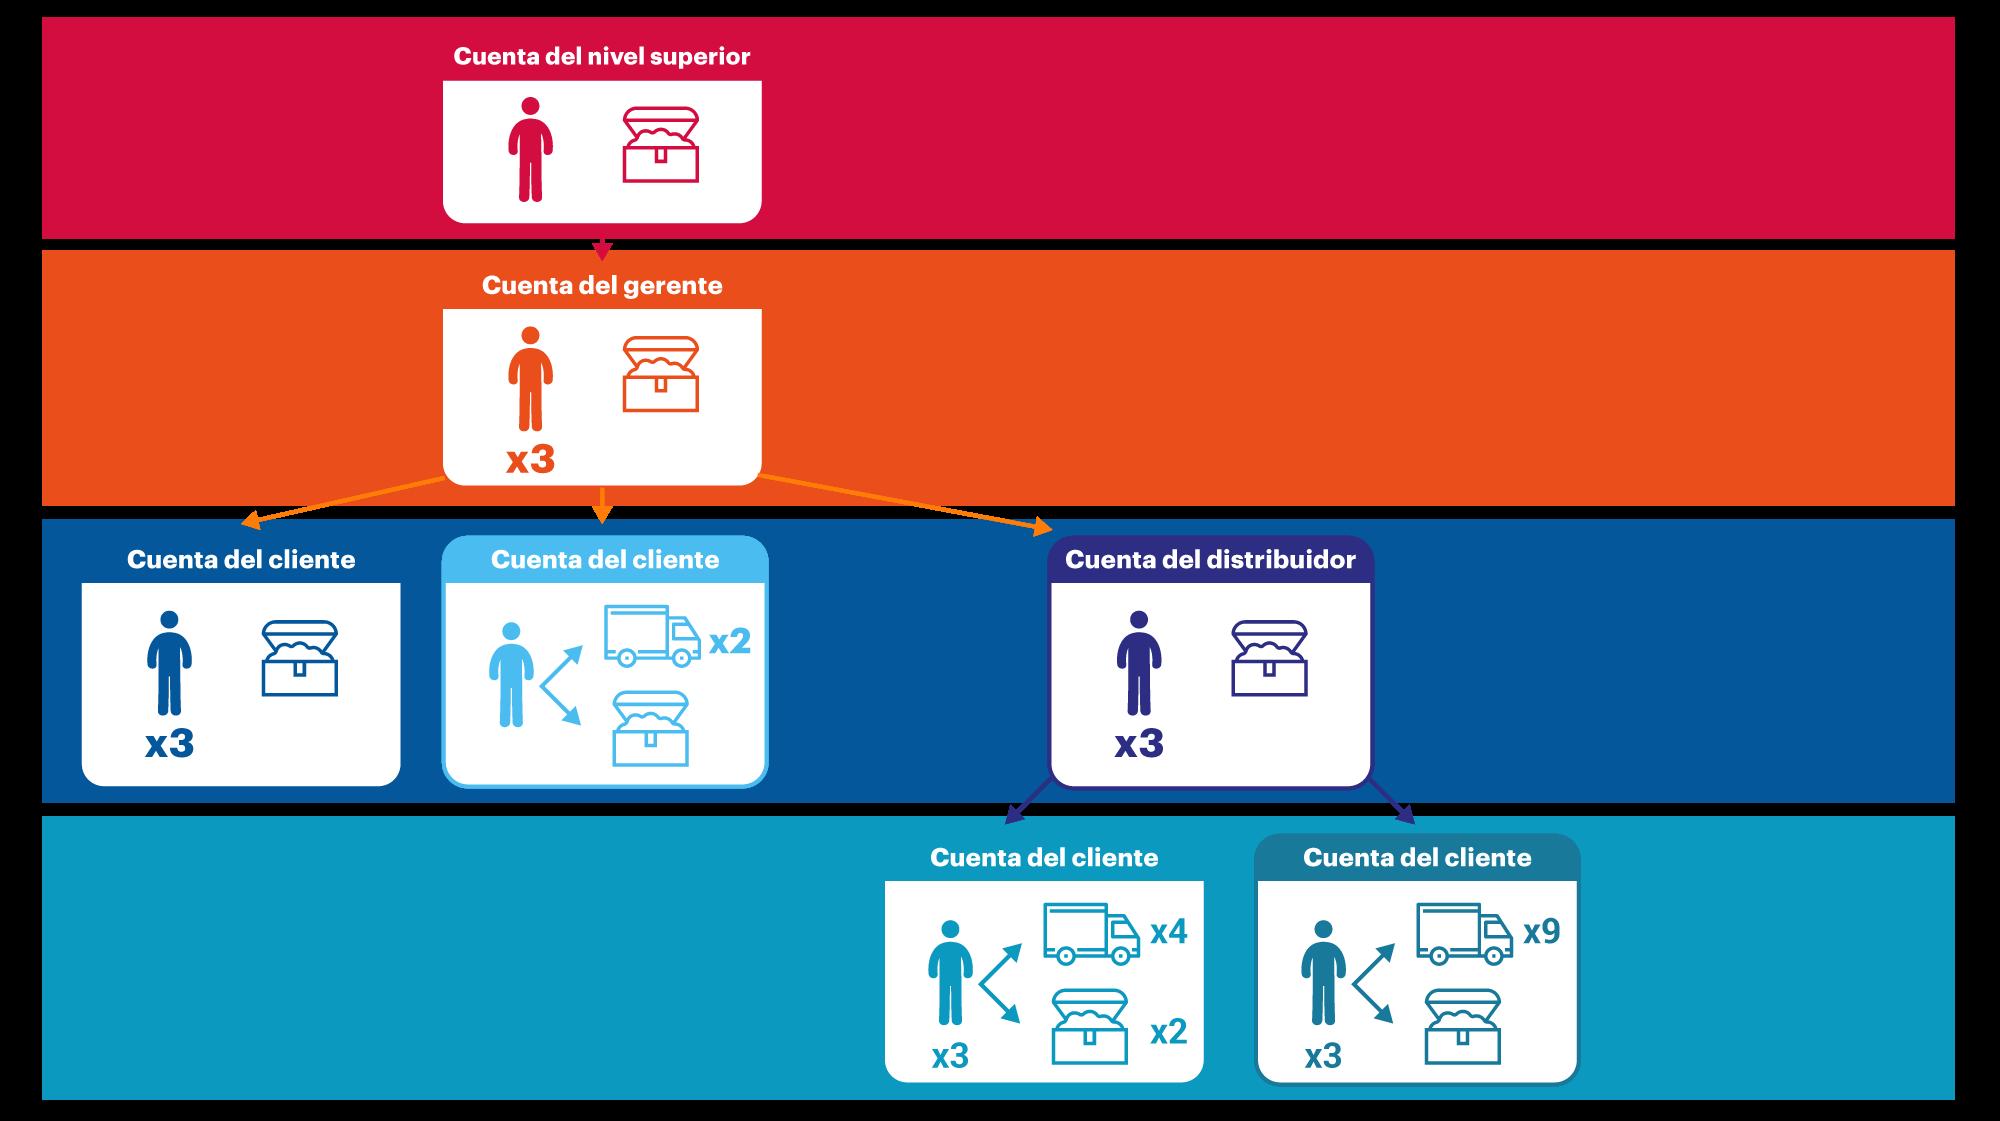 Creamos la jerarquía: objetos básicos y normas